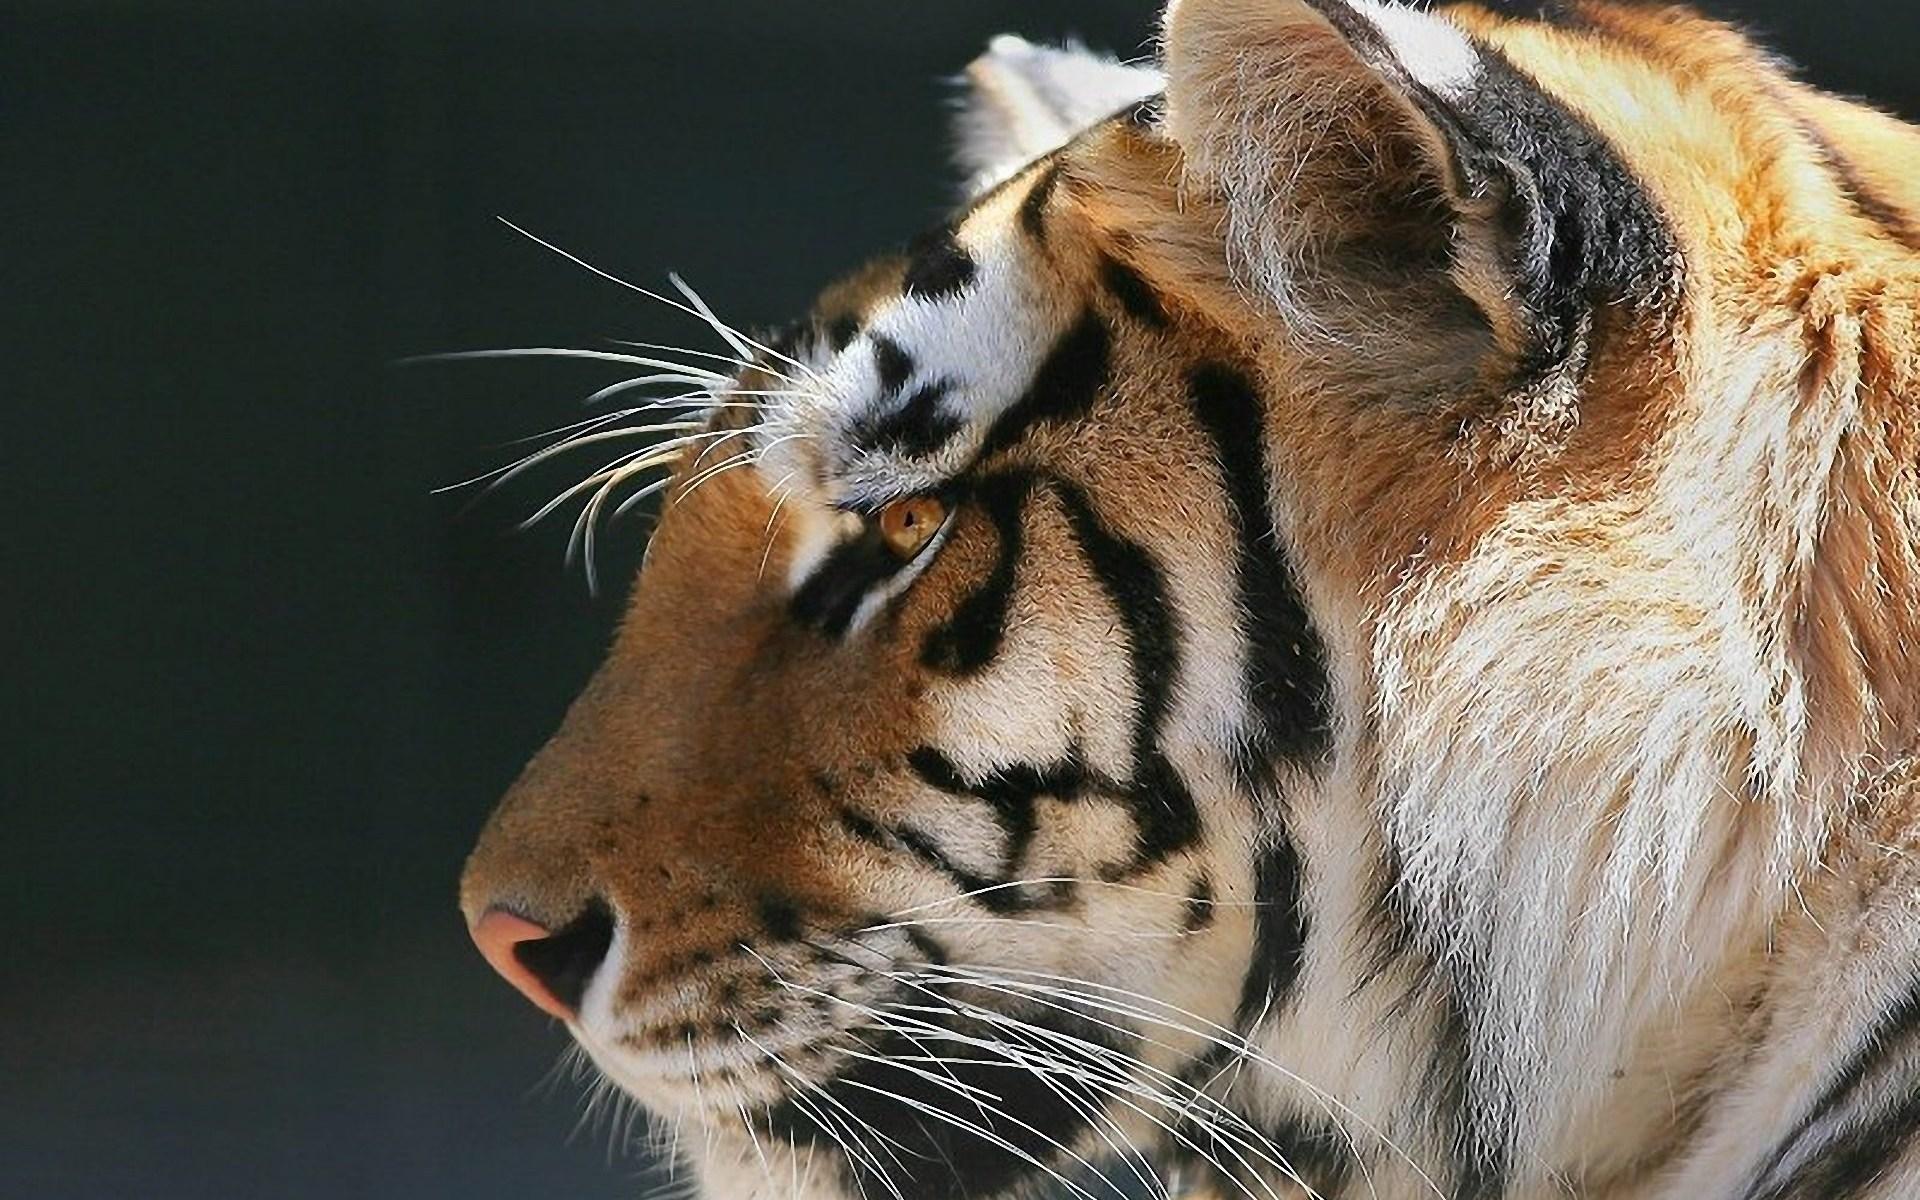 Pics of Tigers